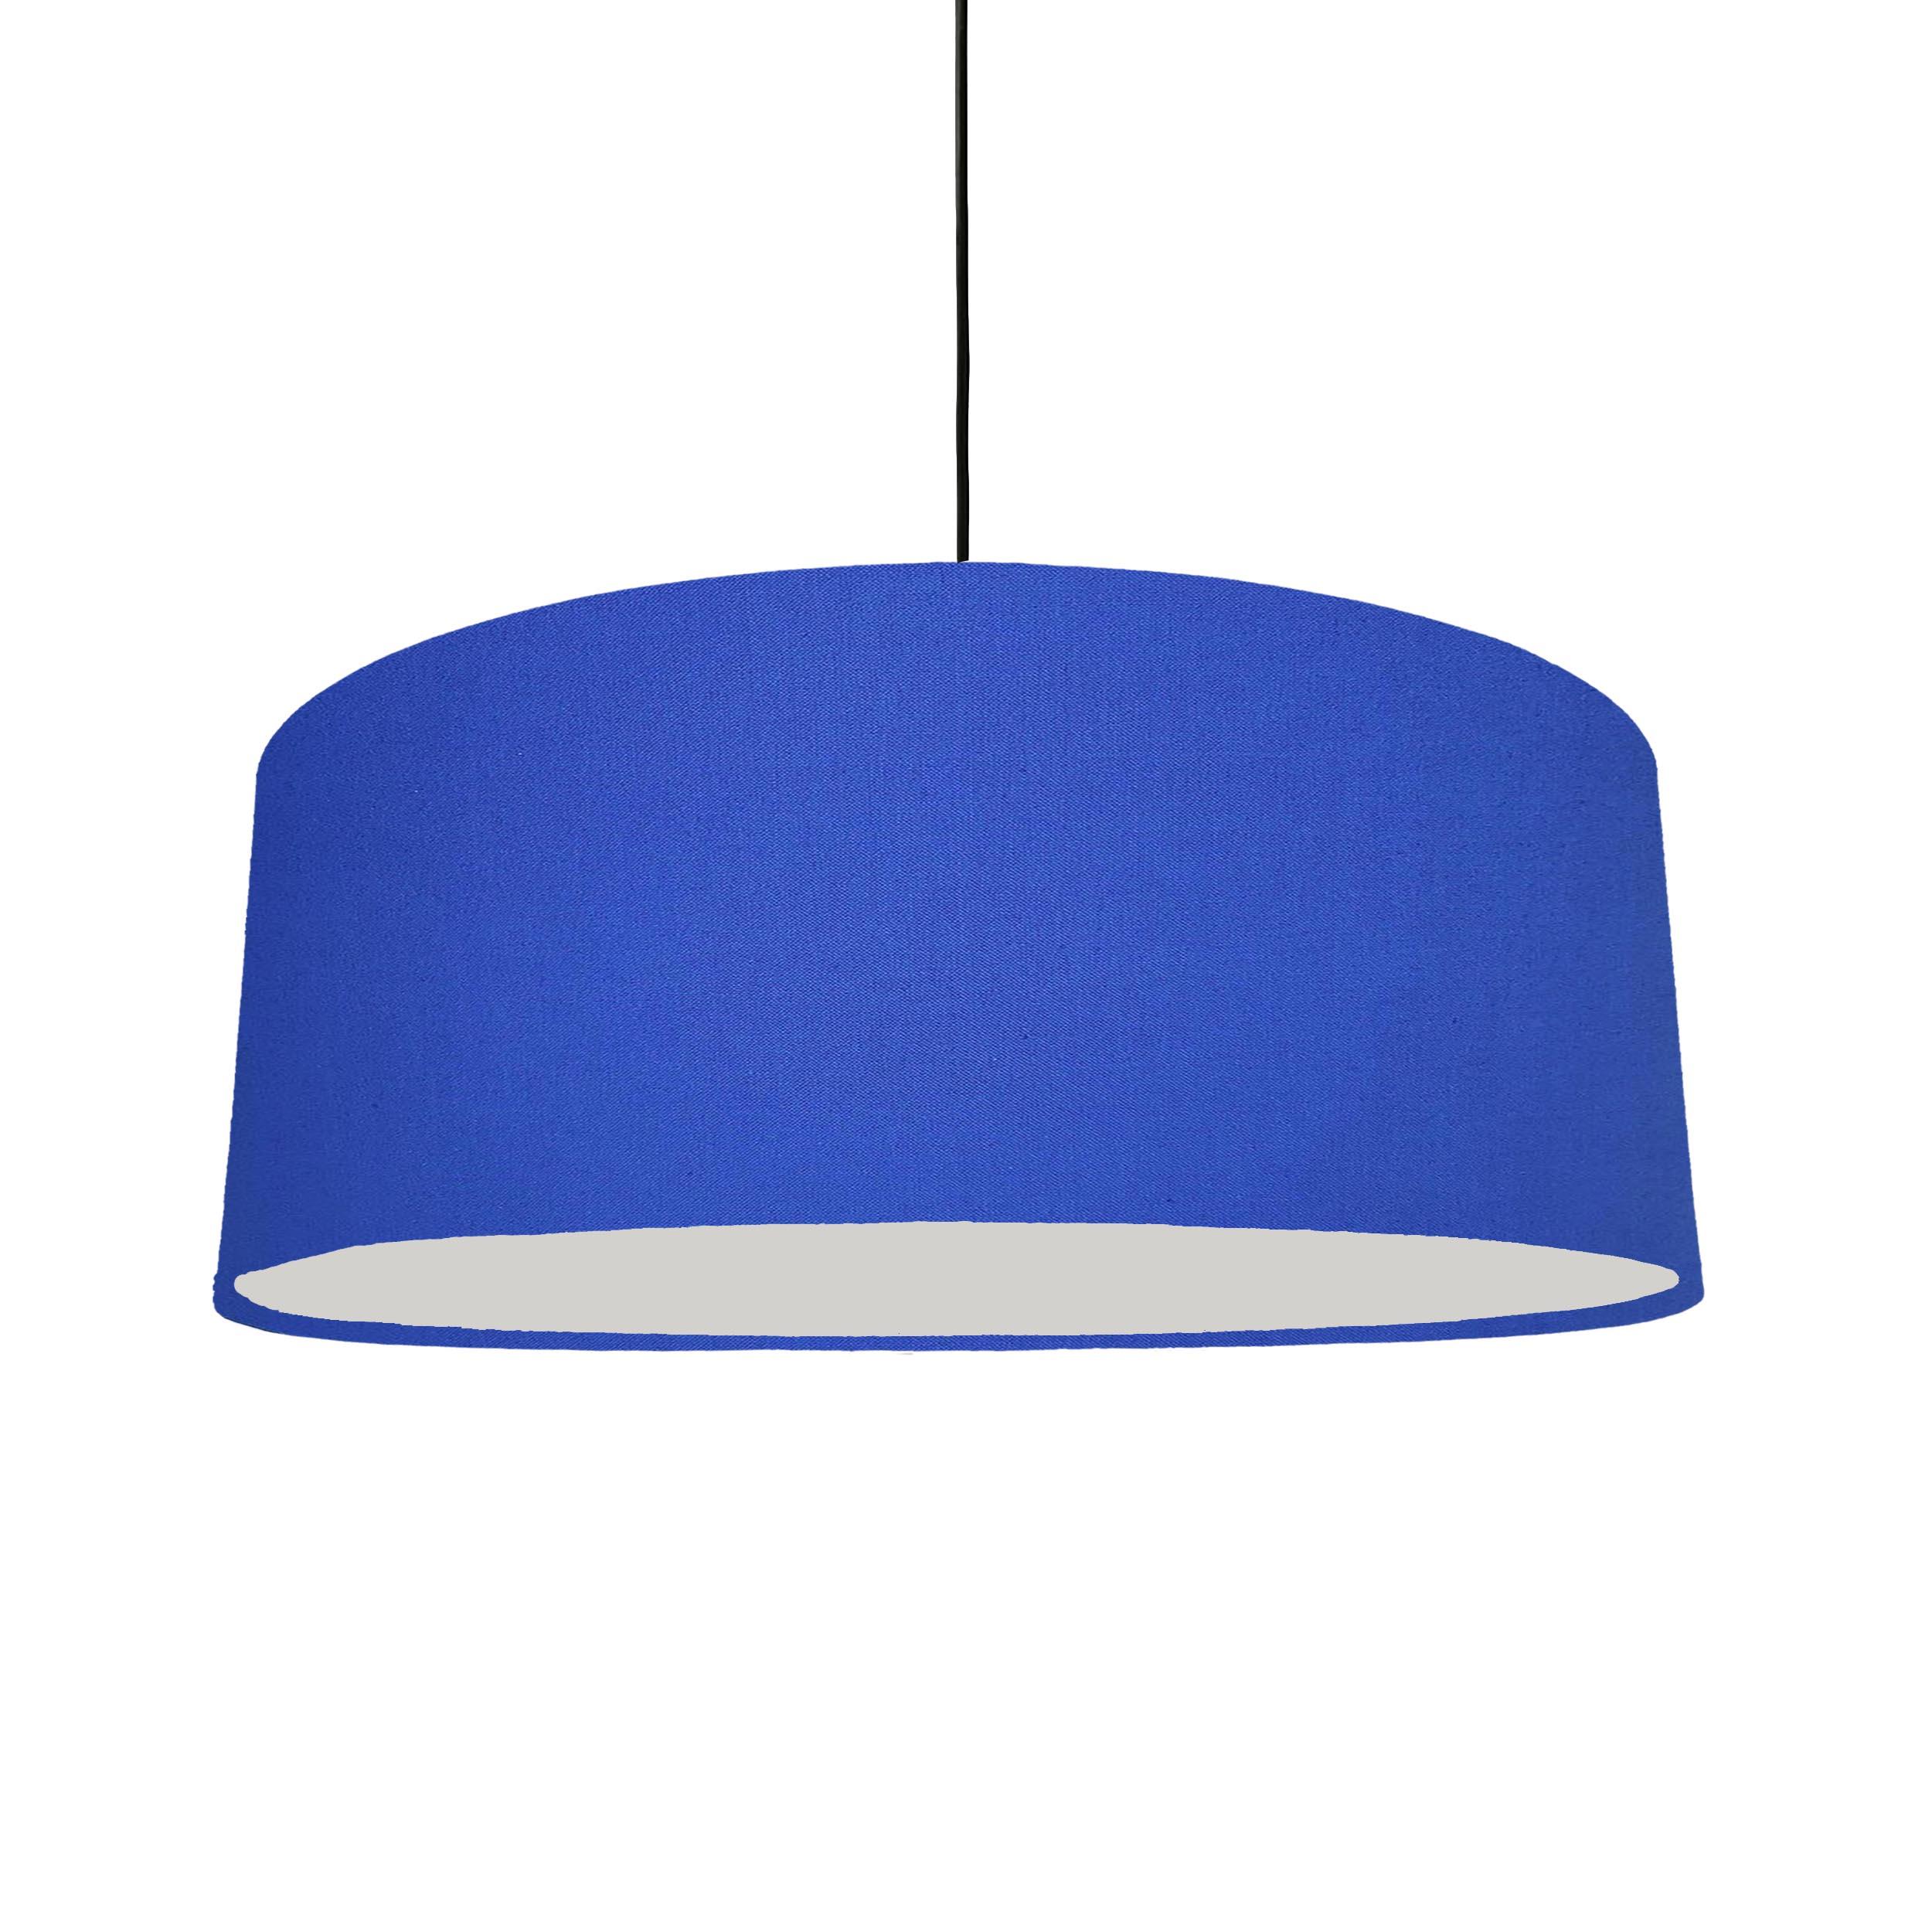 Extra Large Plain Royal Blue Hanging Lampshade